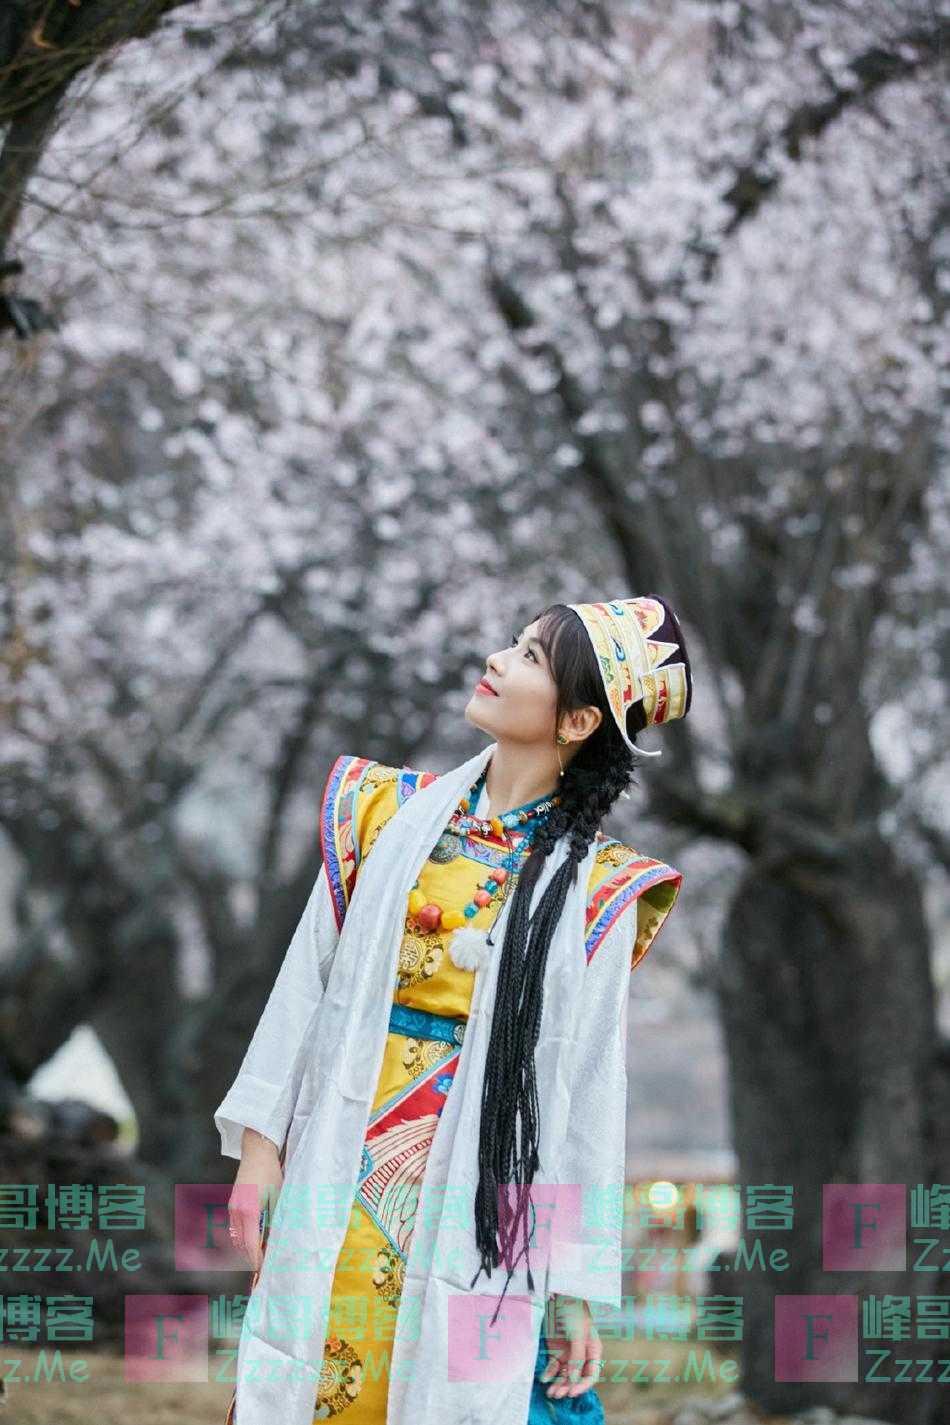 刘涛身着民族服饰 桃花树下仰望天空